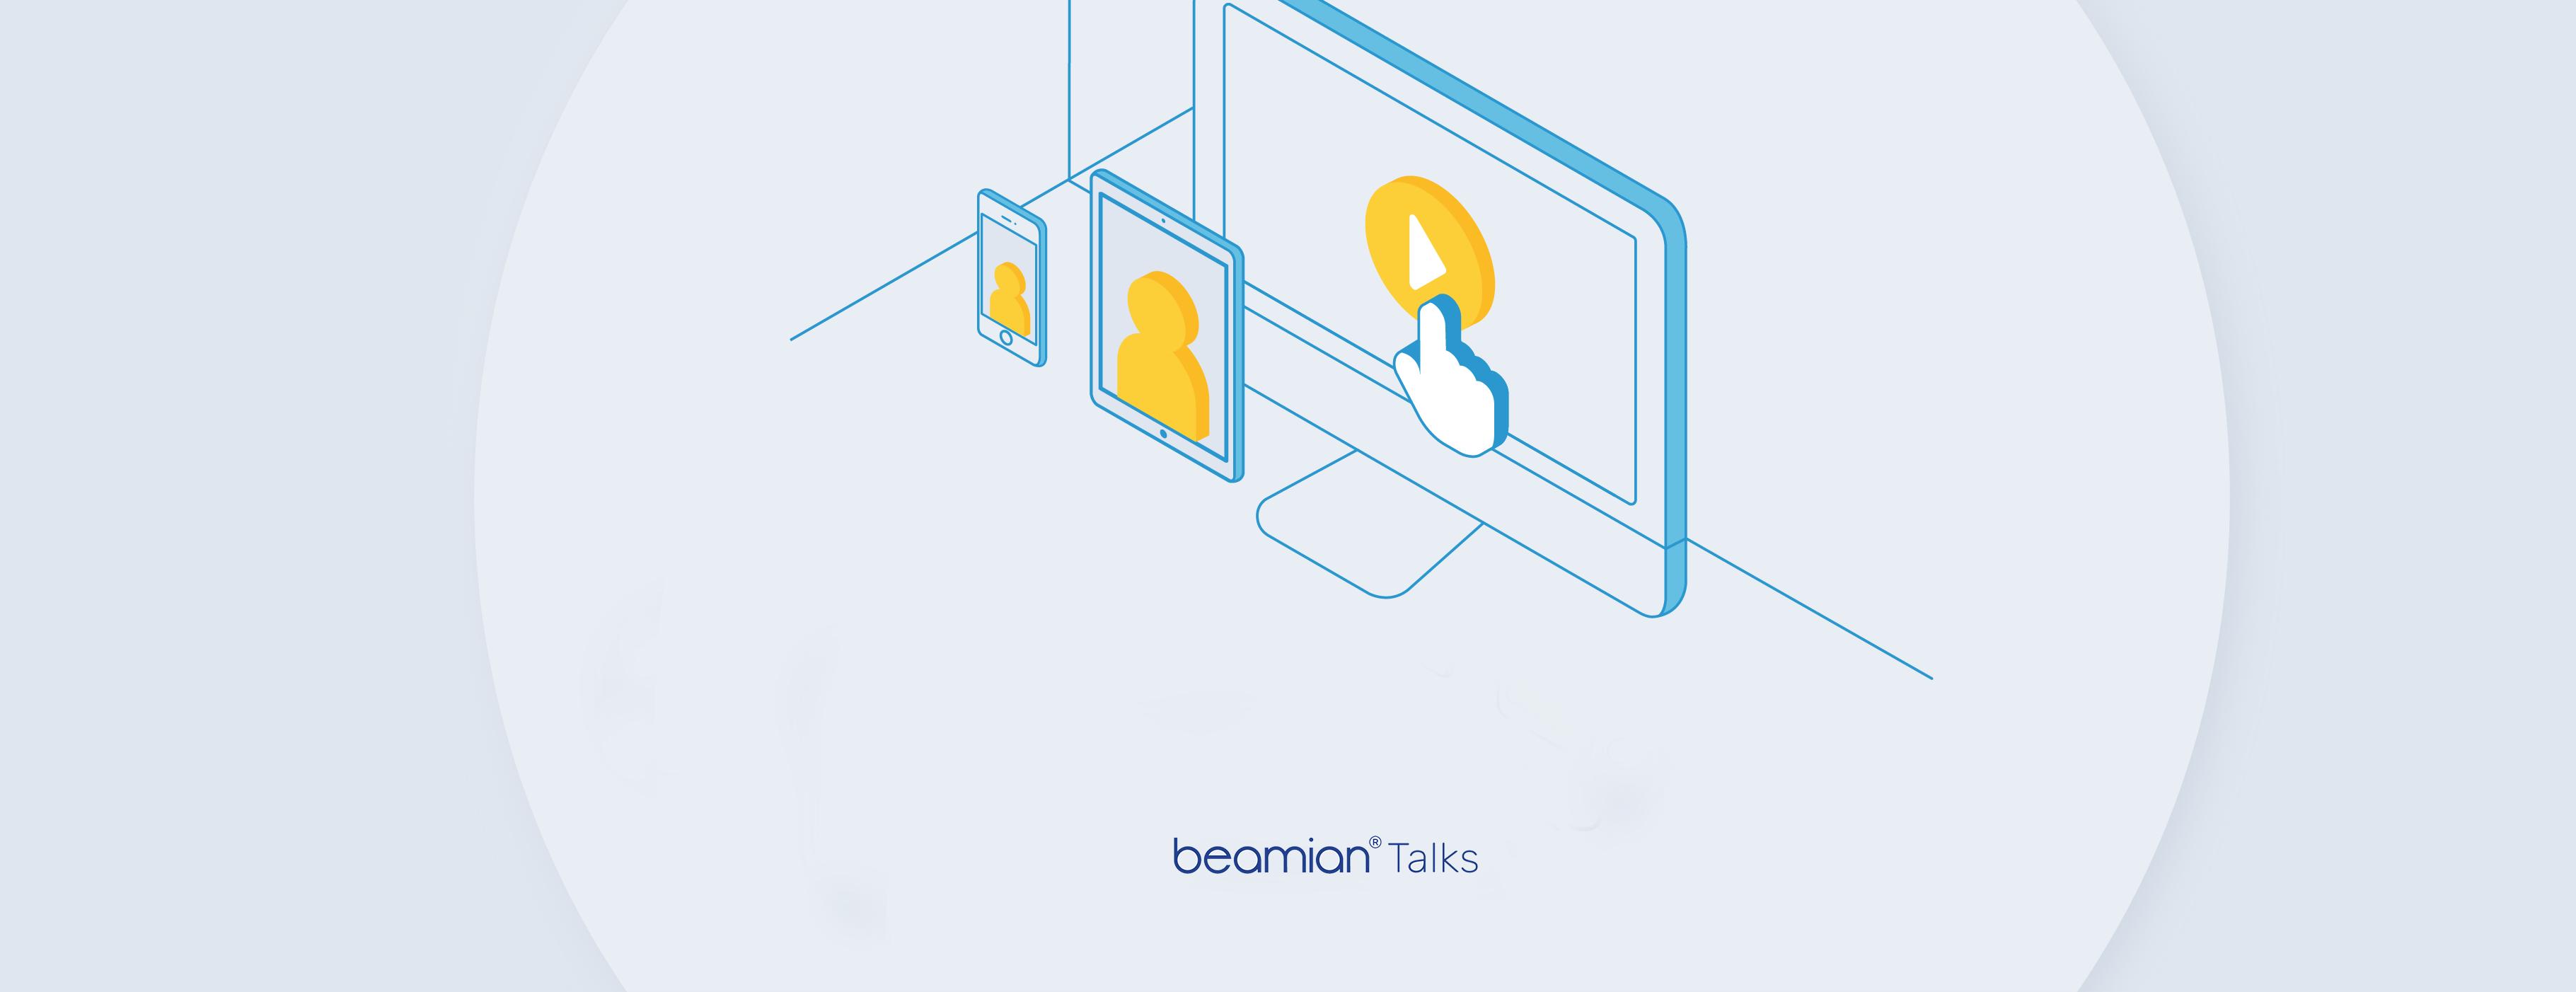 beamian moderó un webinar sobre el futuro de los eventos